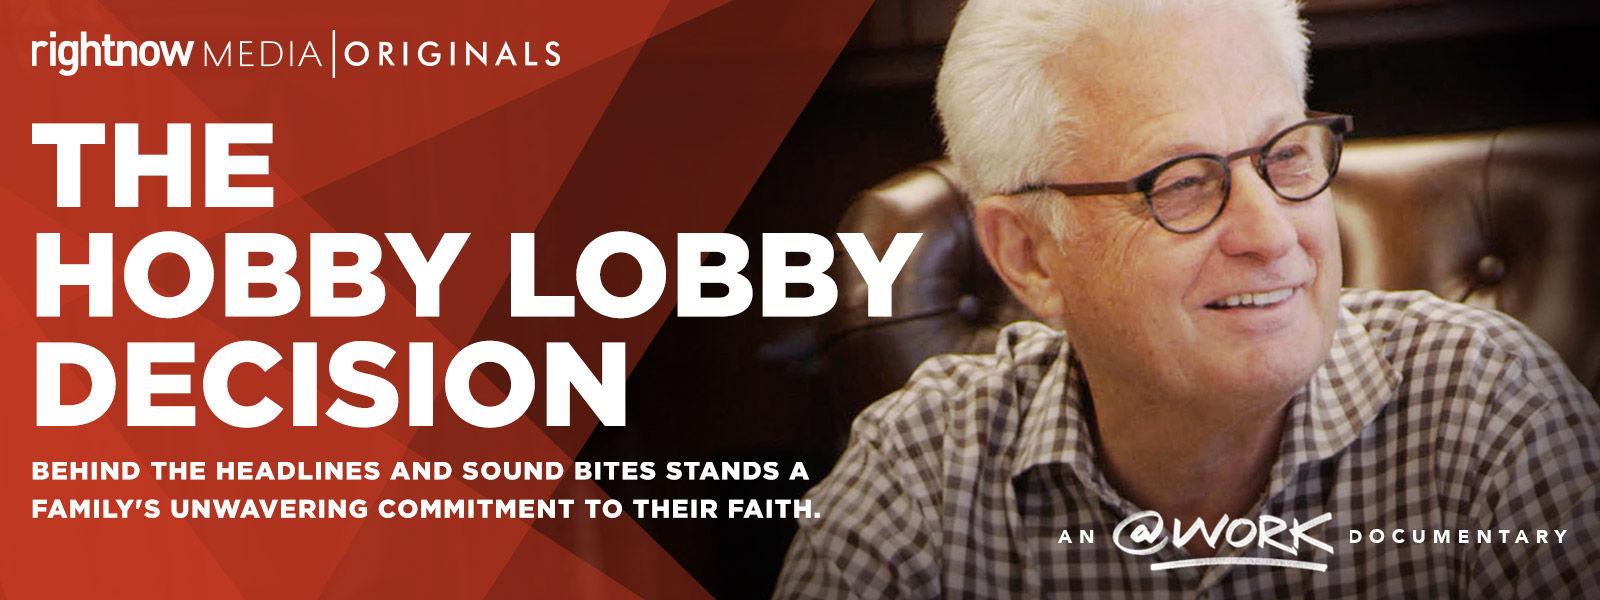 The Hobby Lobby Decision